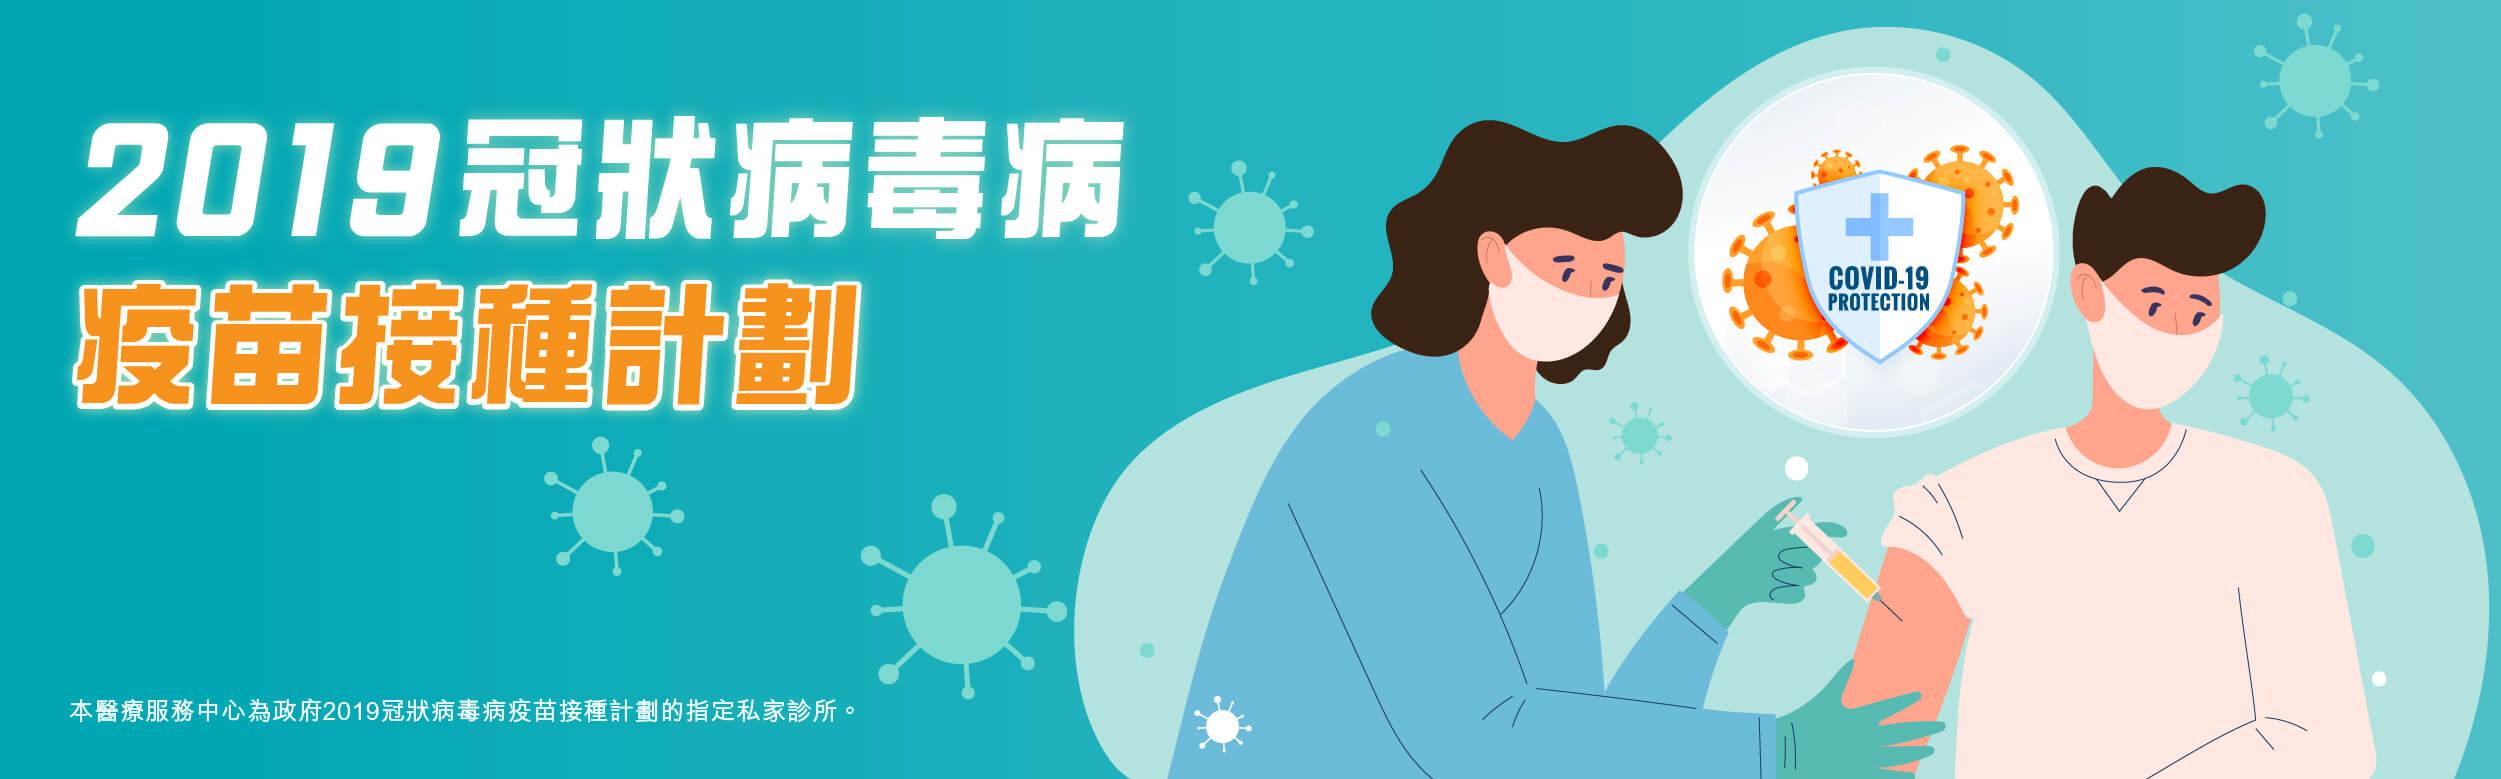 2019冠狀病毒病疫苗接種計劃